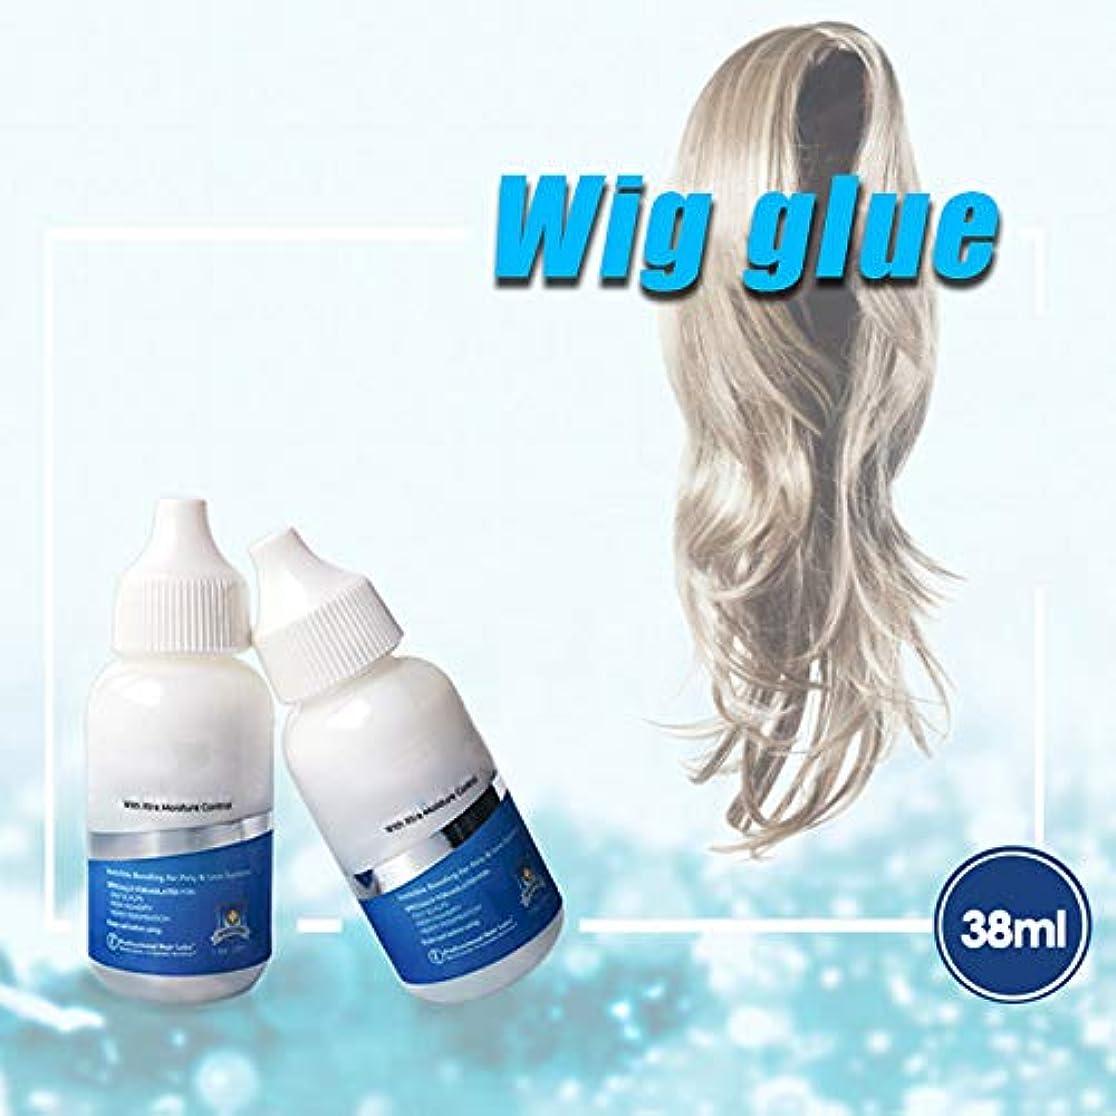 Beaurtty ポリレースヘアピースウィッグのため 髪の交換用接着剤目に見えない 接着剤接着剤余分な水分の制御